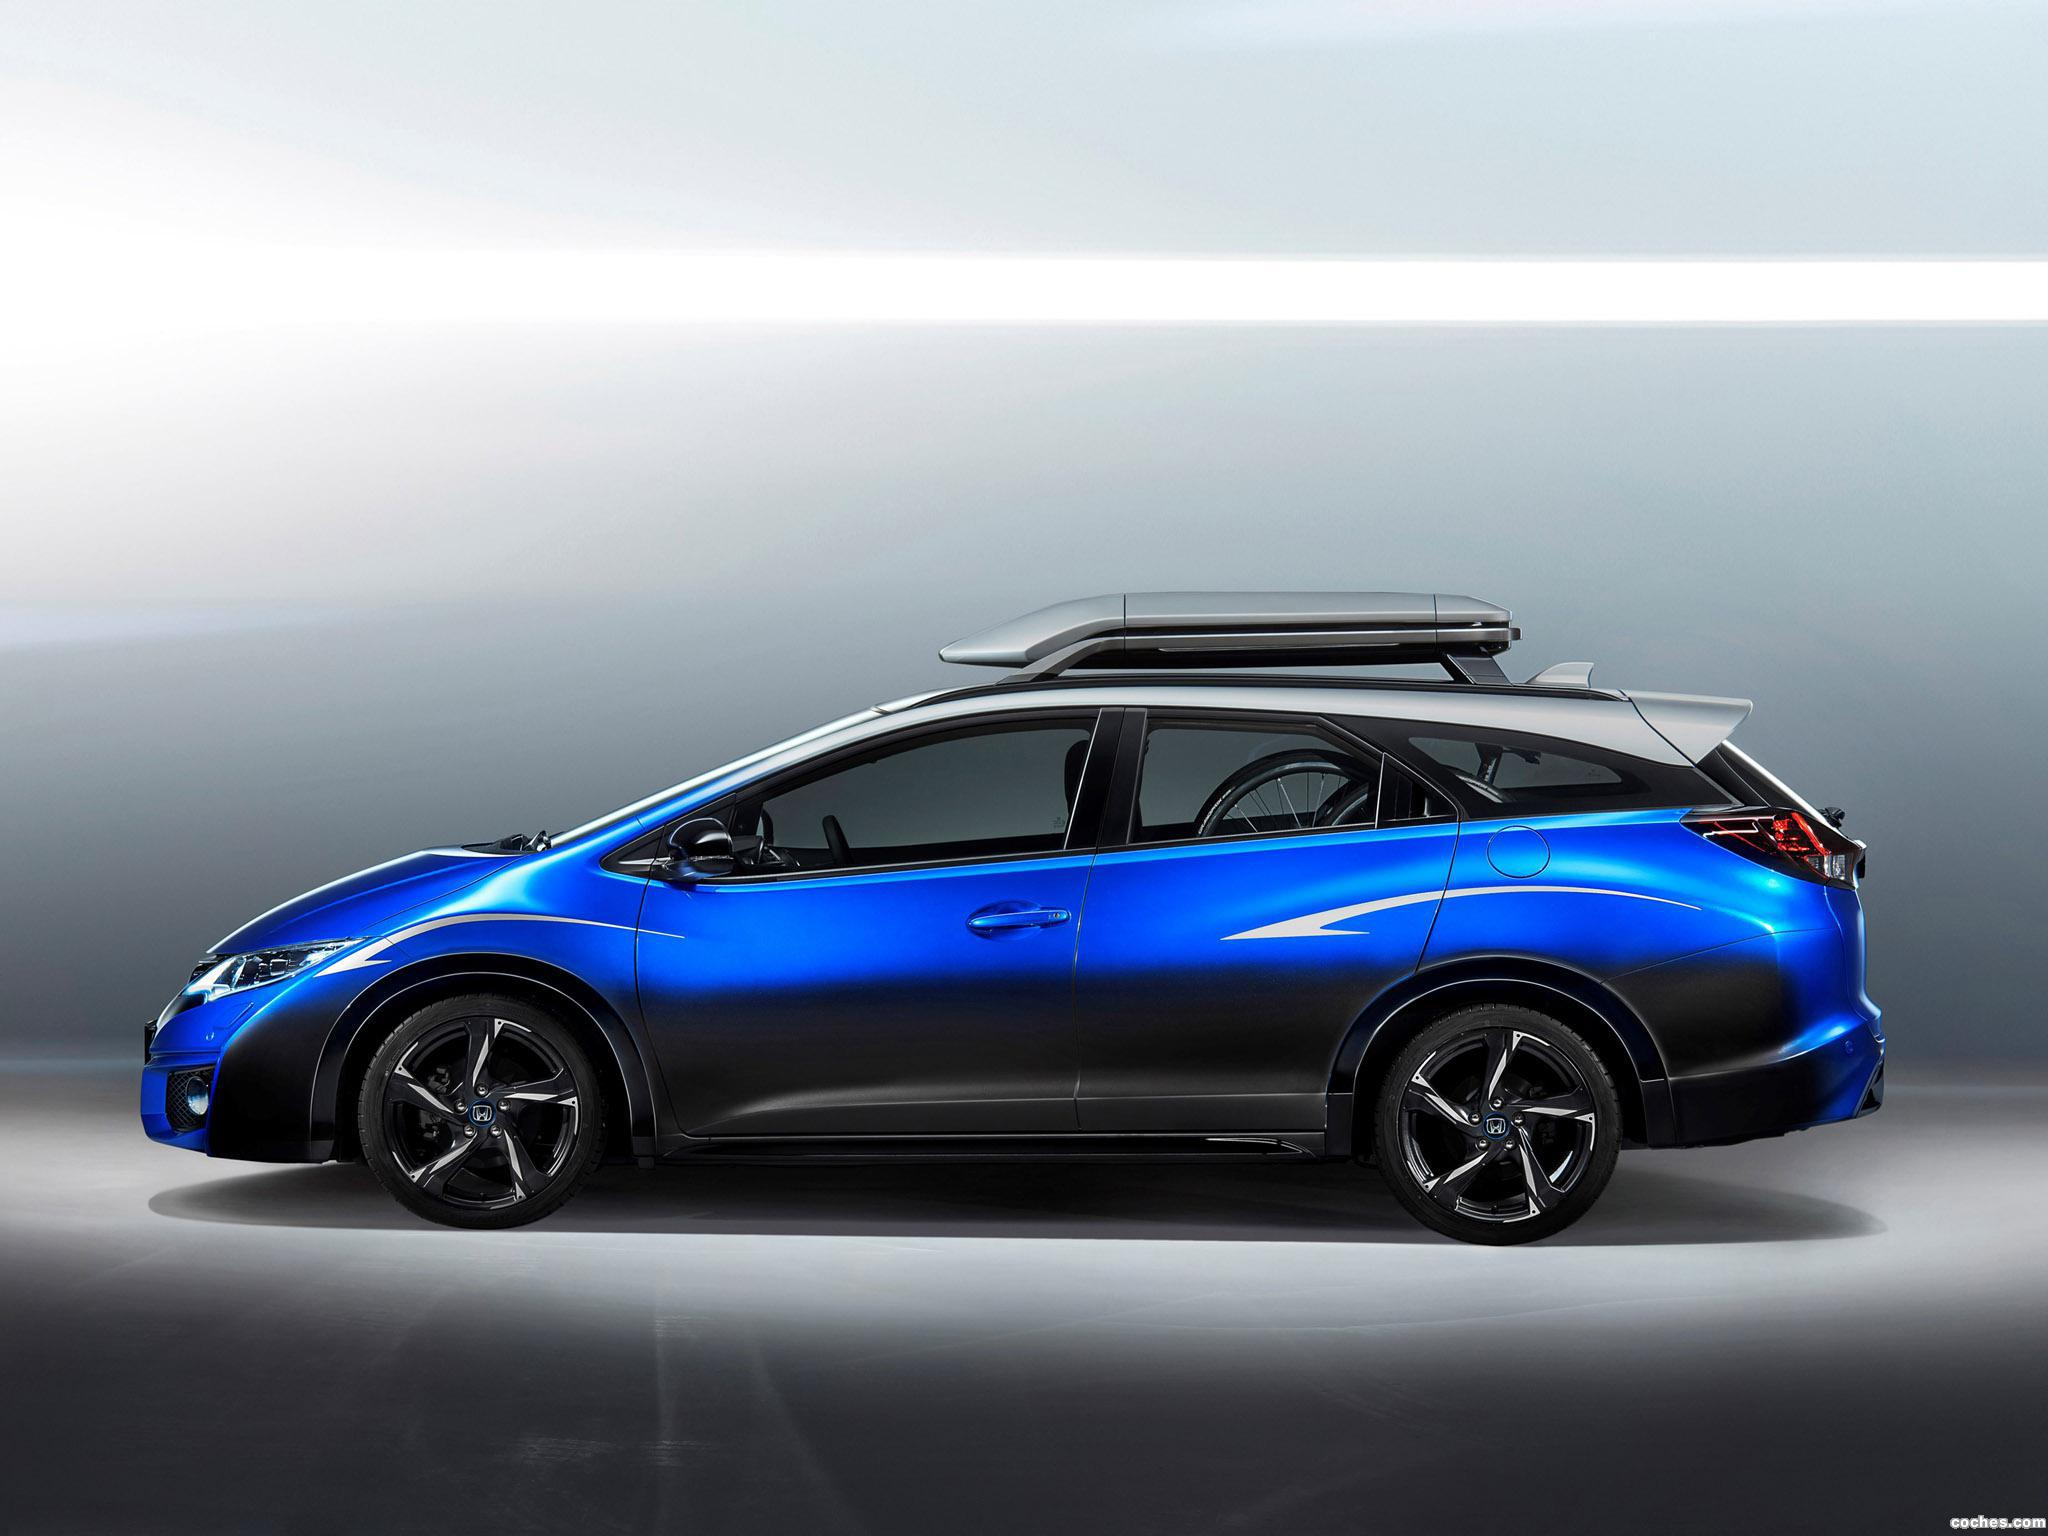 Foto 0 de Honda Civic Tourer Active Life Concept 2015